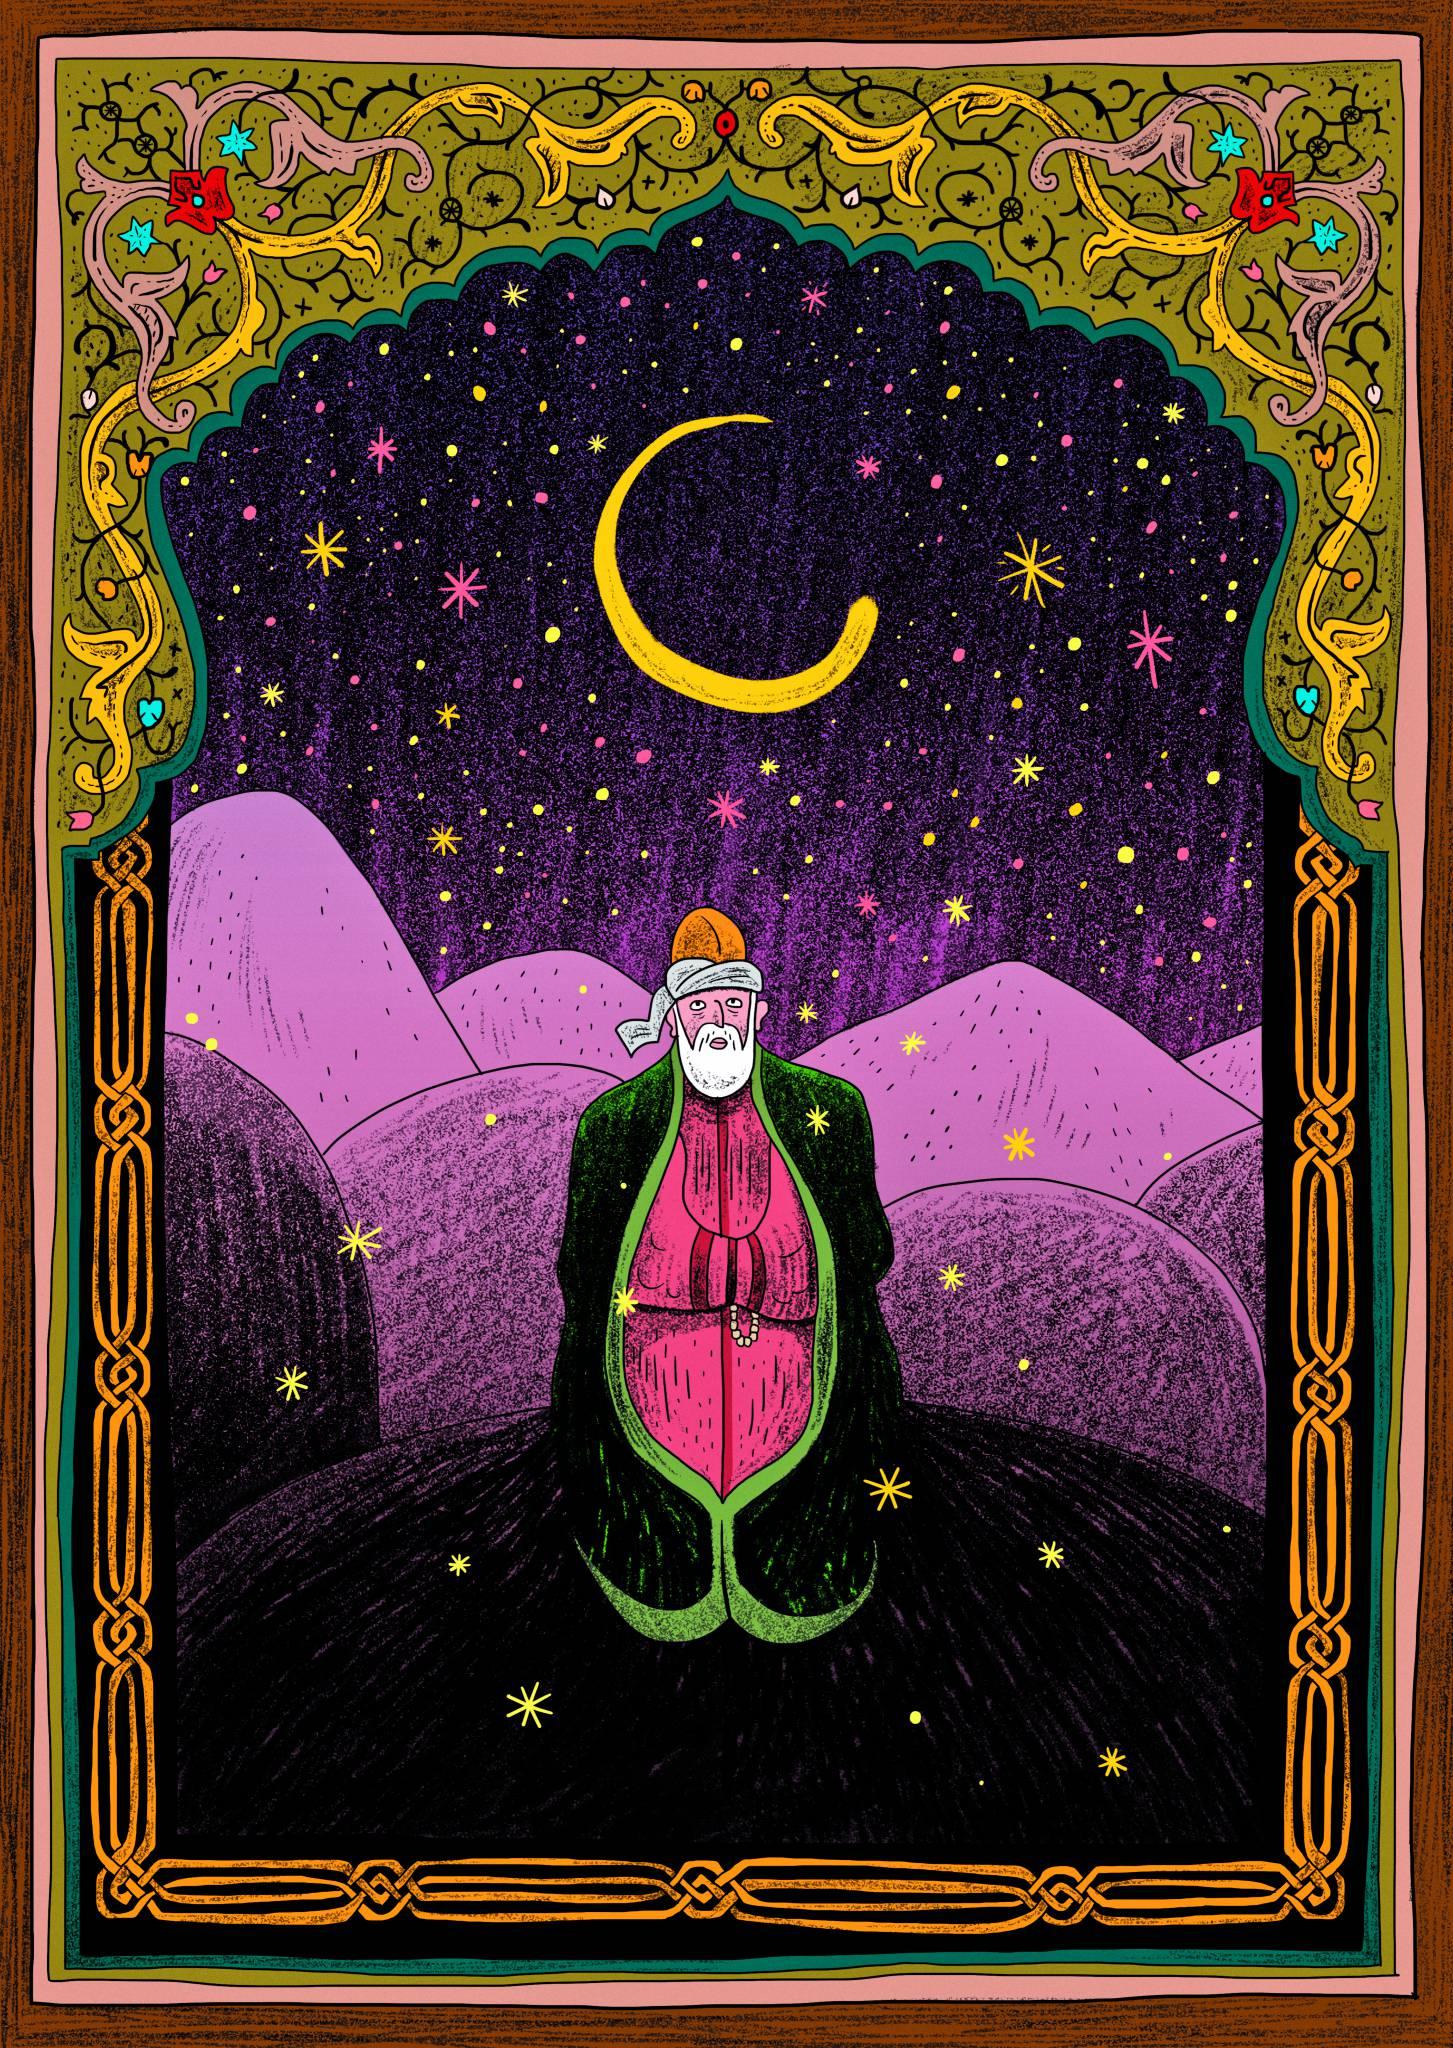 Esencja wiary. Rumi - najwybitniejszy poeta suficki